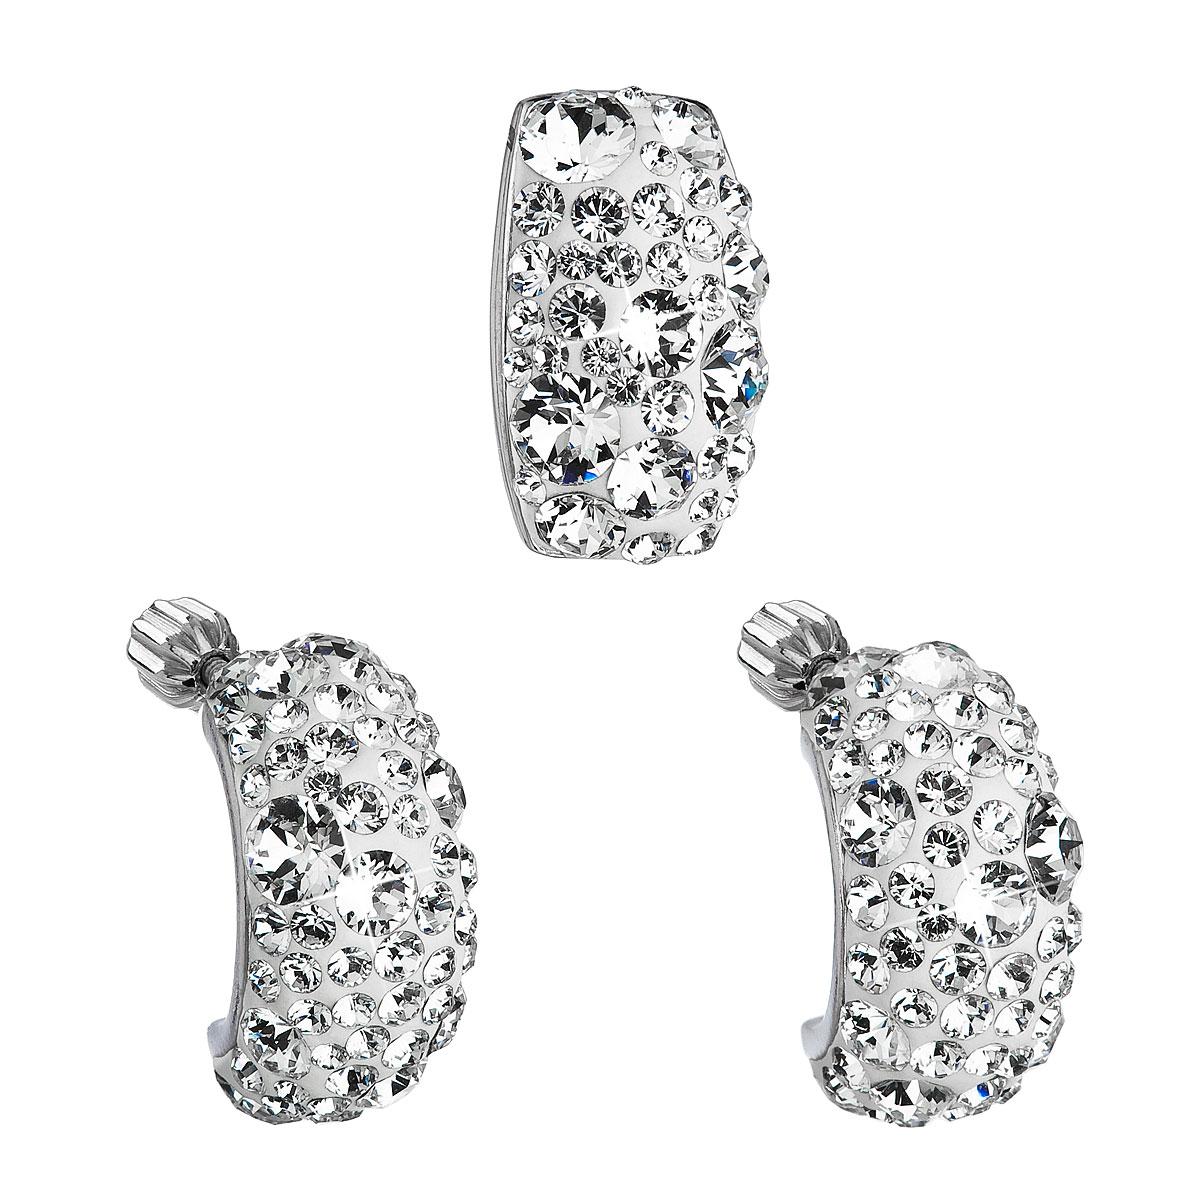 Sada šperkov s krištáľmi Swarovski náušnice a prívesok biely obdĺžnik 39116.1